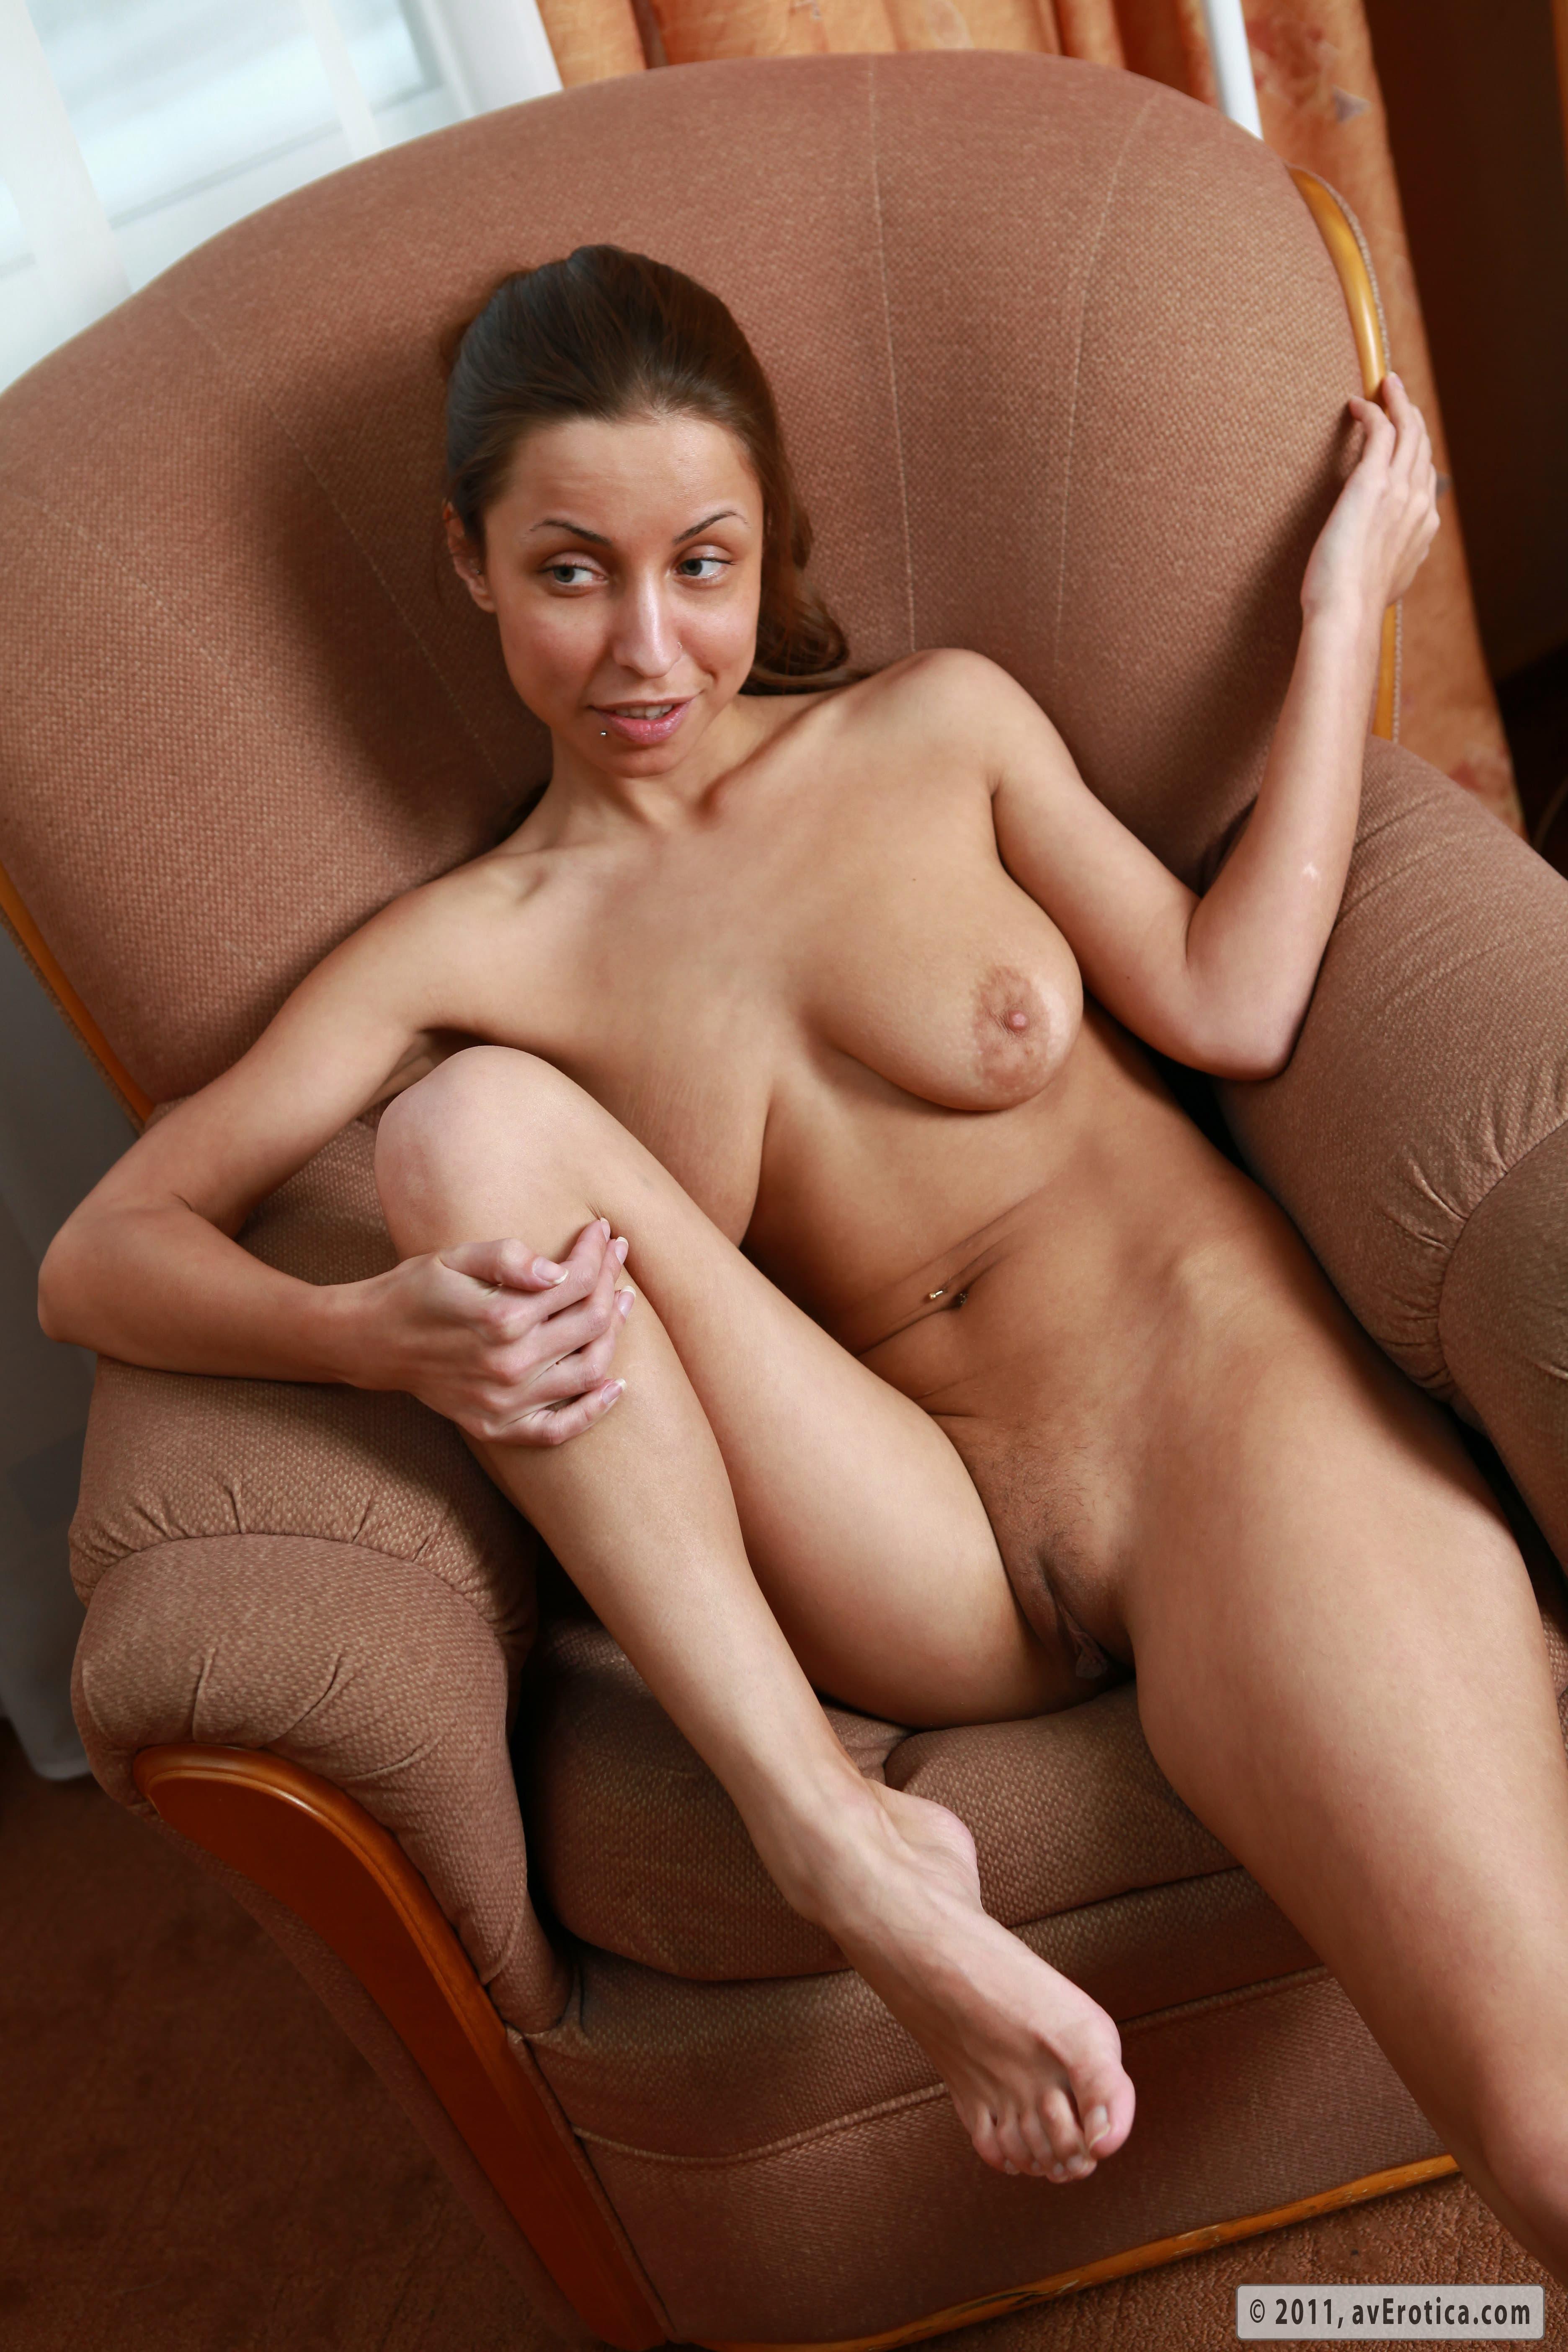 Мегги шалит в кресле без трусиков - фото